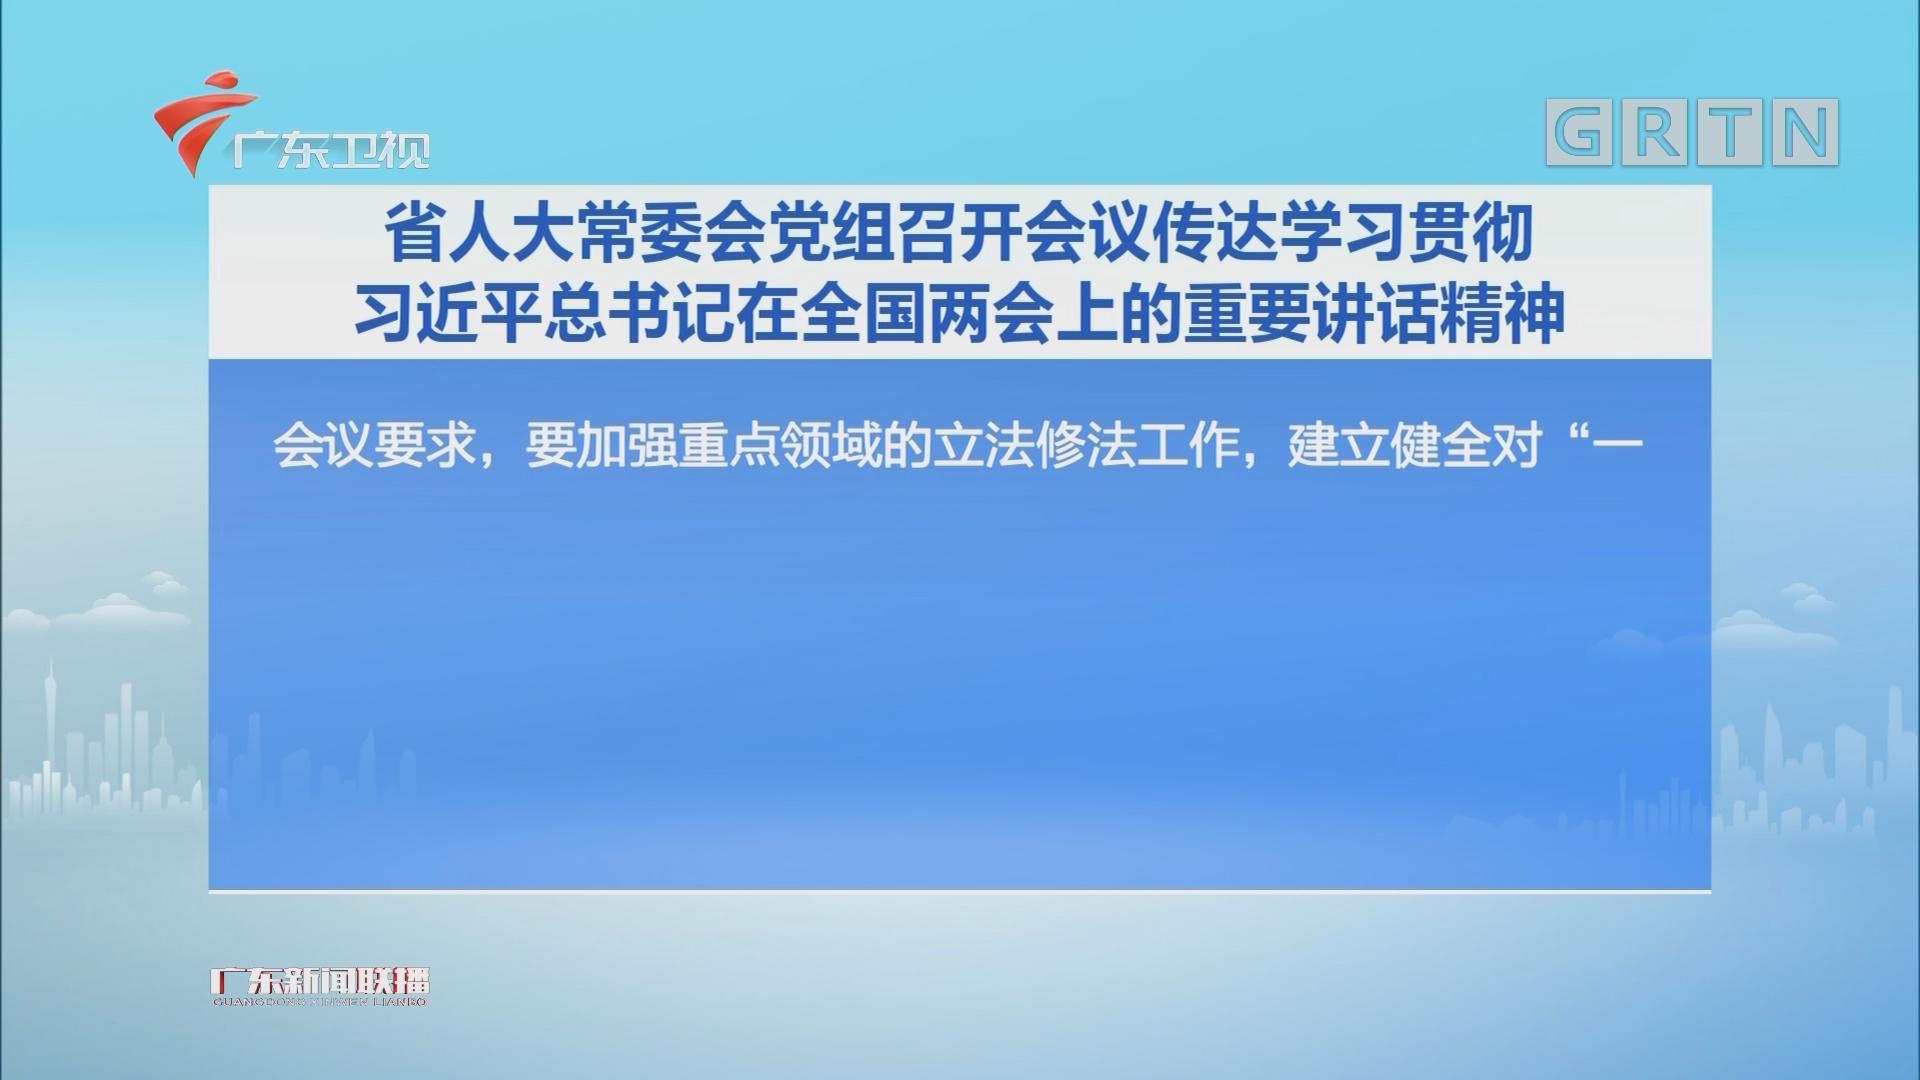 省人大常委会党组召开会议传达学习贯彻习近平总书记在全国两会上的重要讲话精神